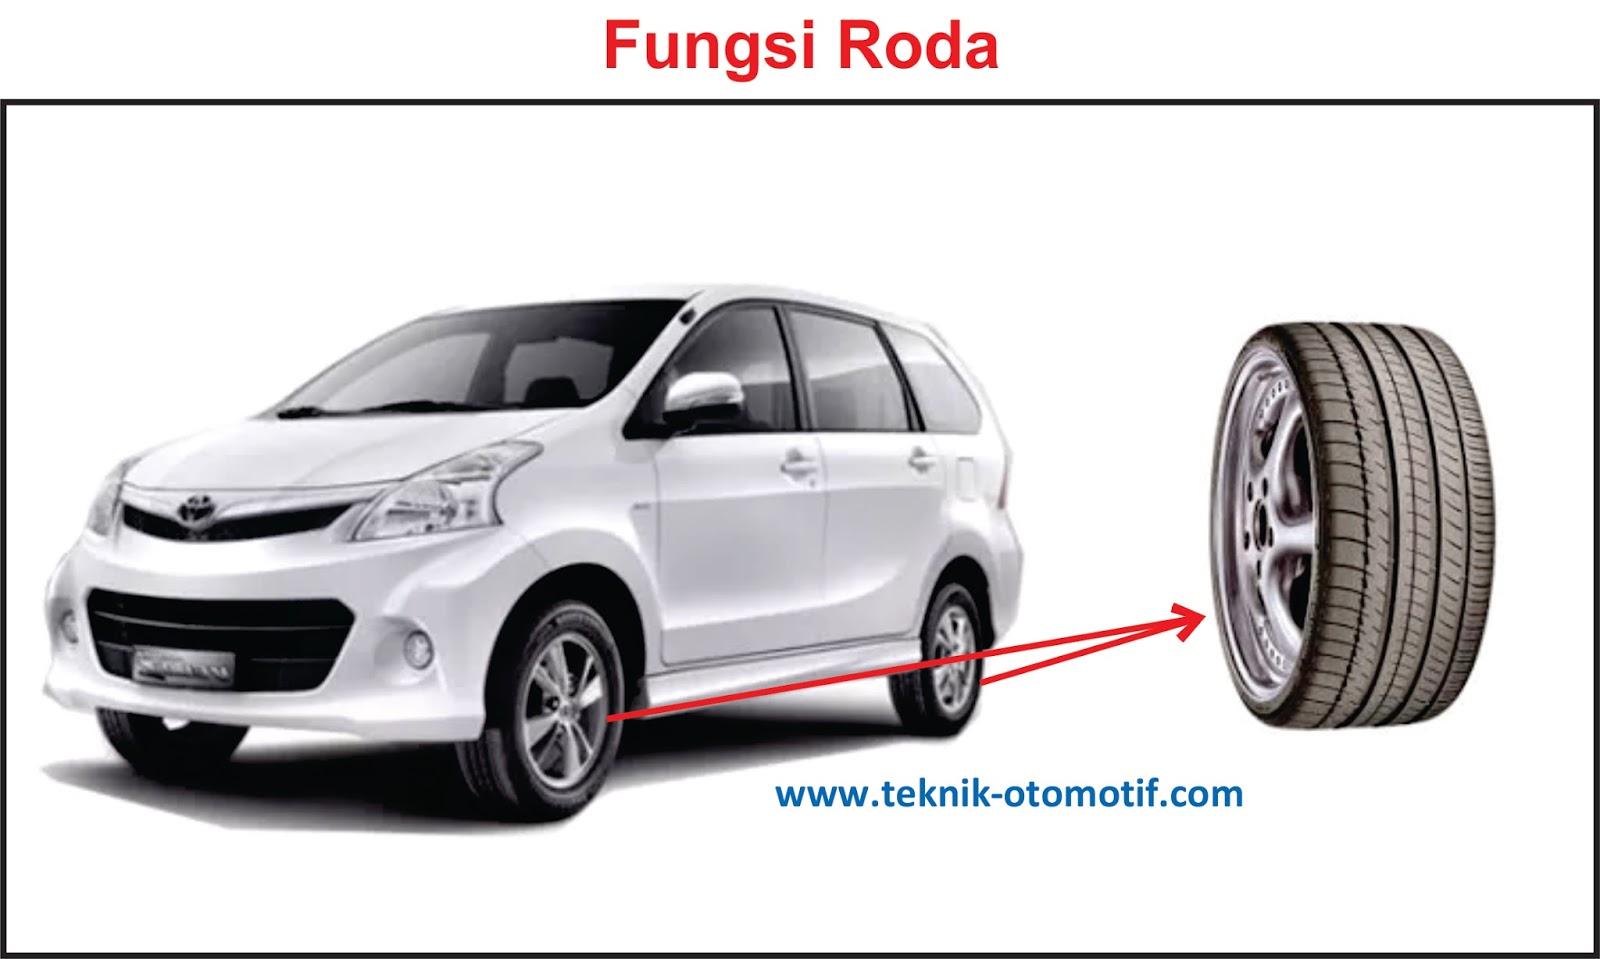 Fungsi Dan Bagian Bagian Roda Kendaraan Teknik Otomotif Com